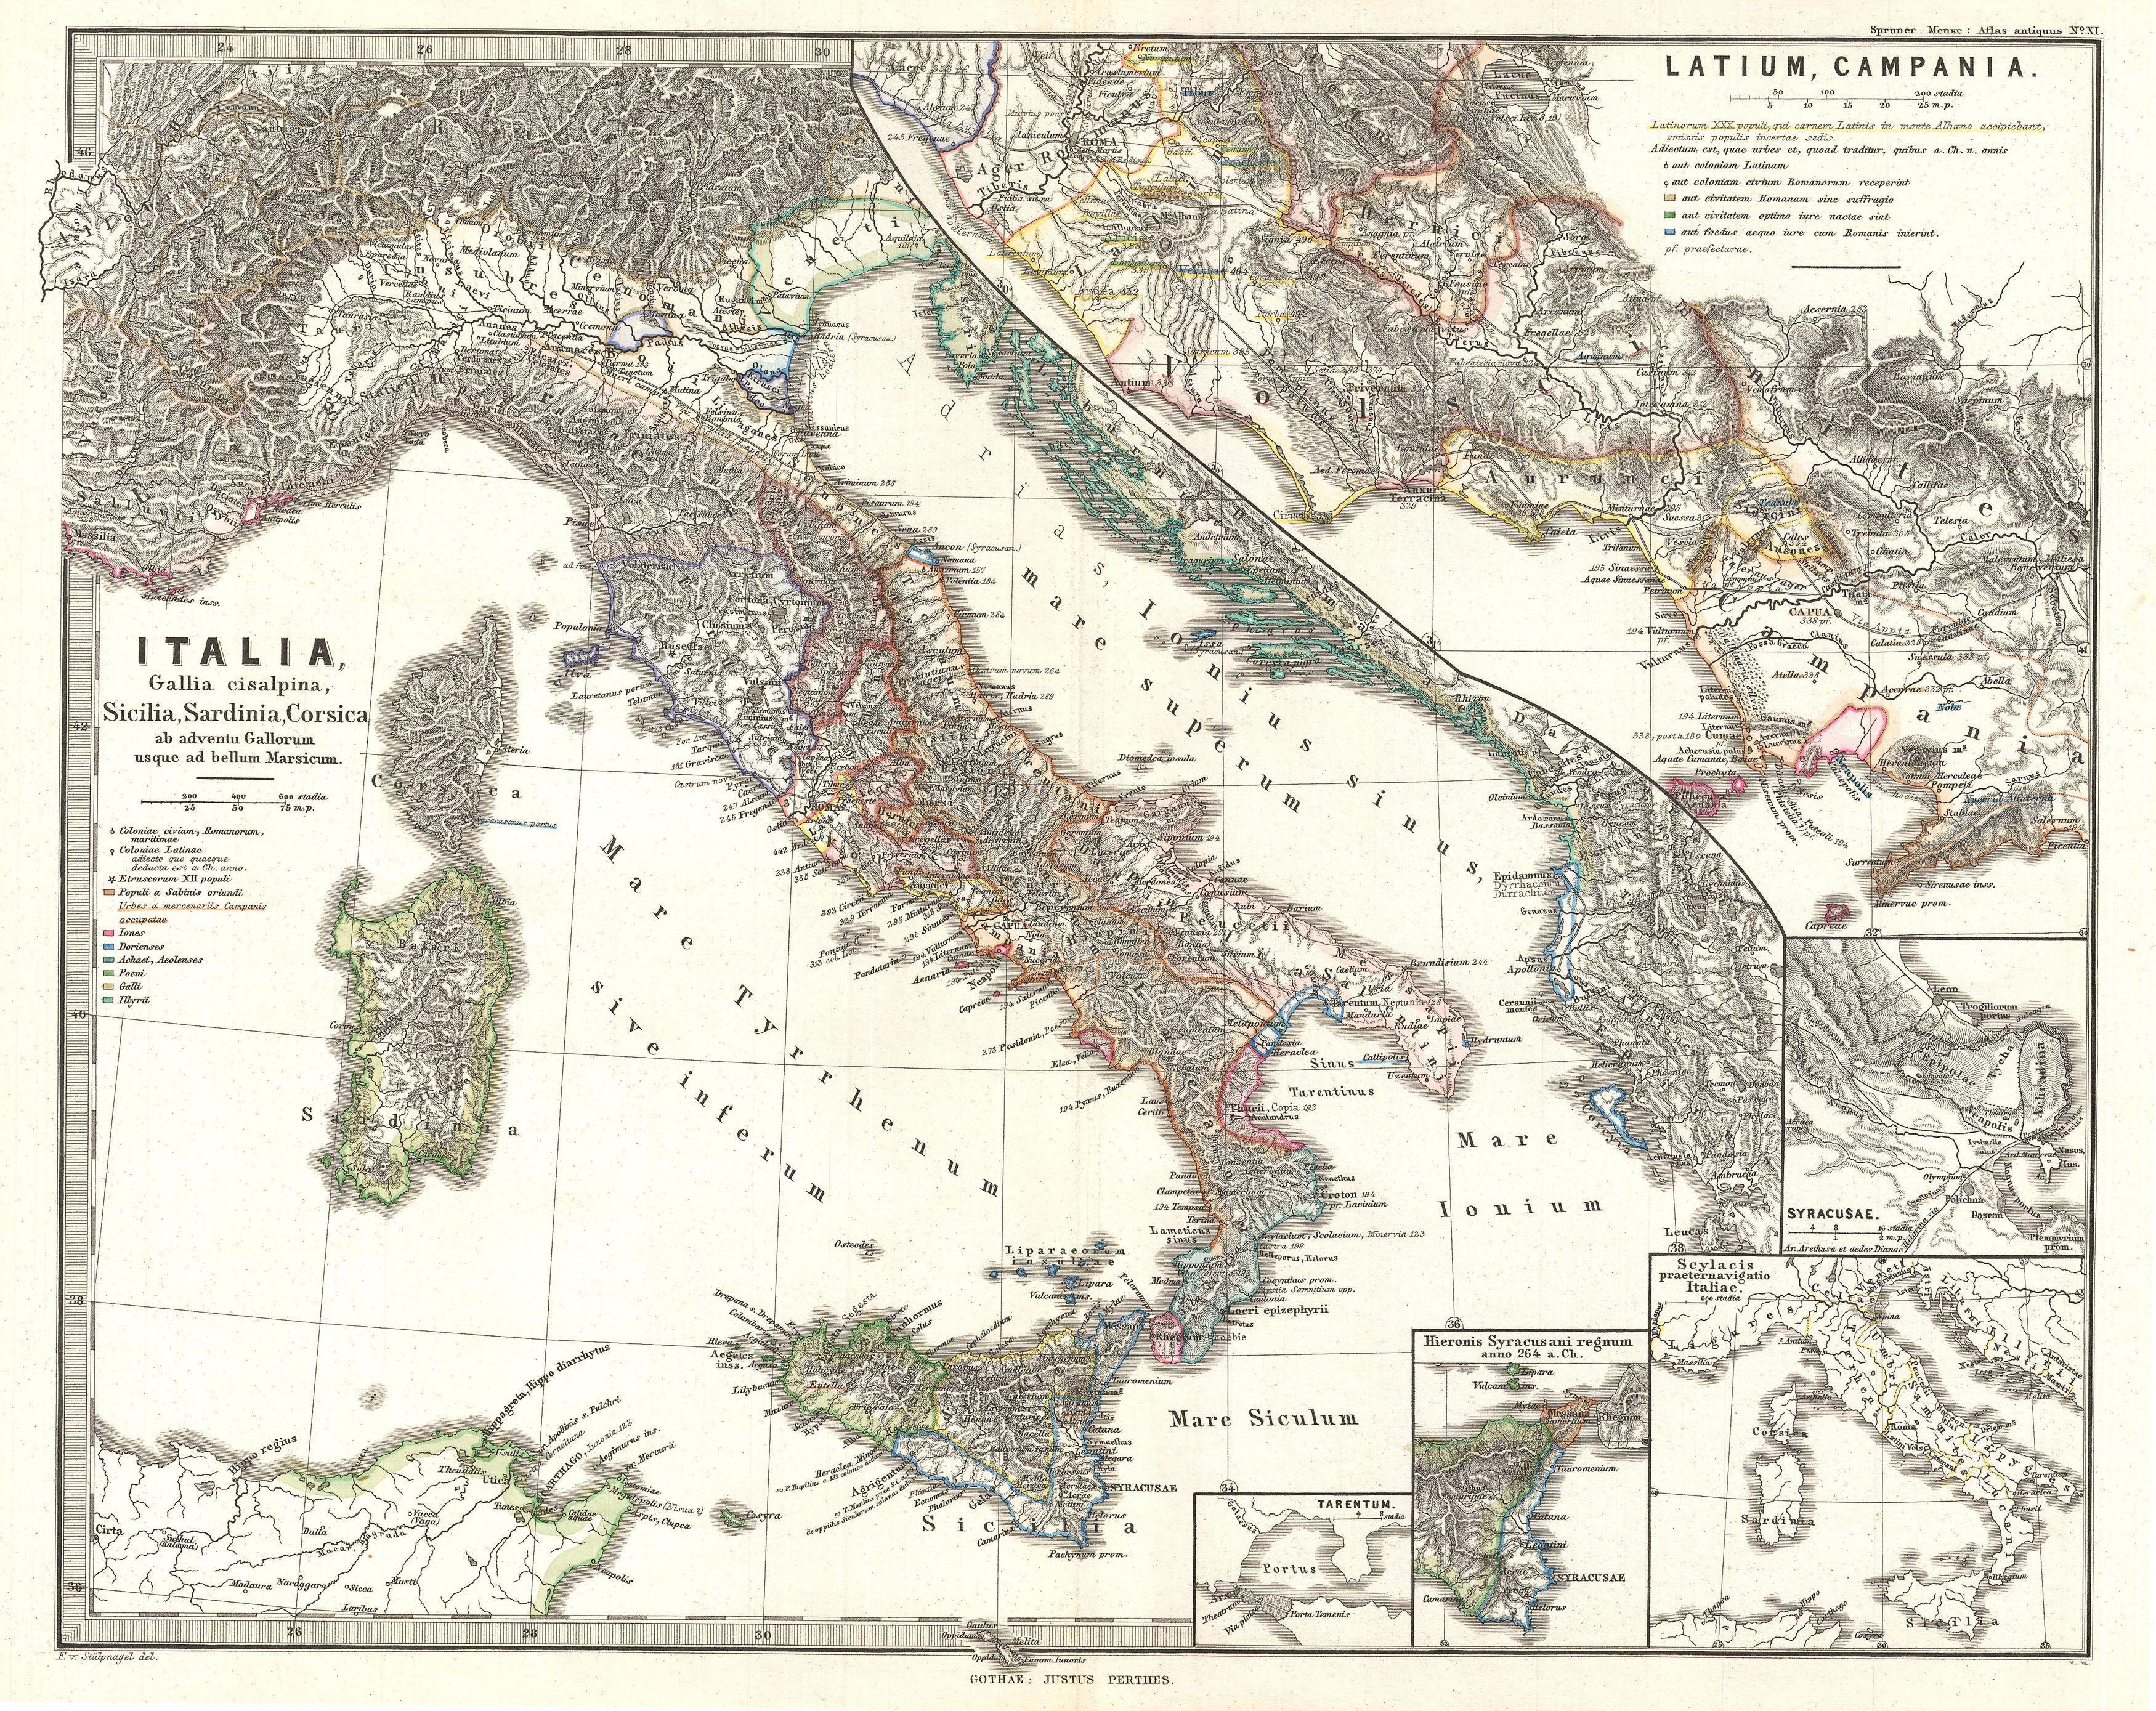 Mappa Dellitalia Antica.Siti Archeologici Dell Italia Antica Wikipedia